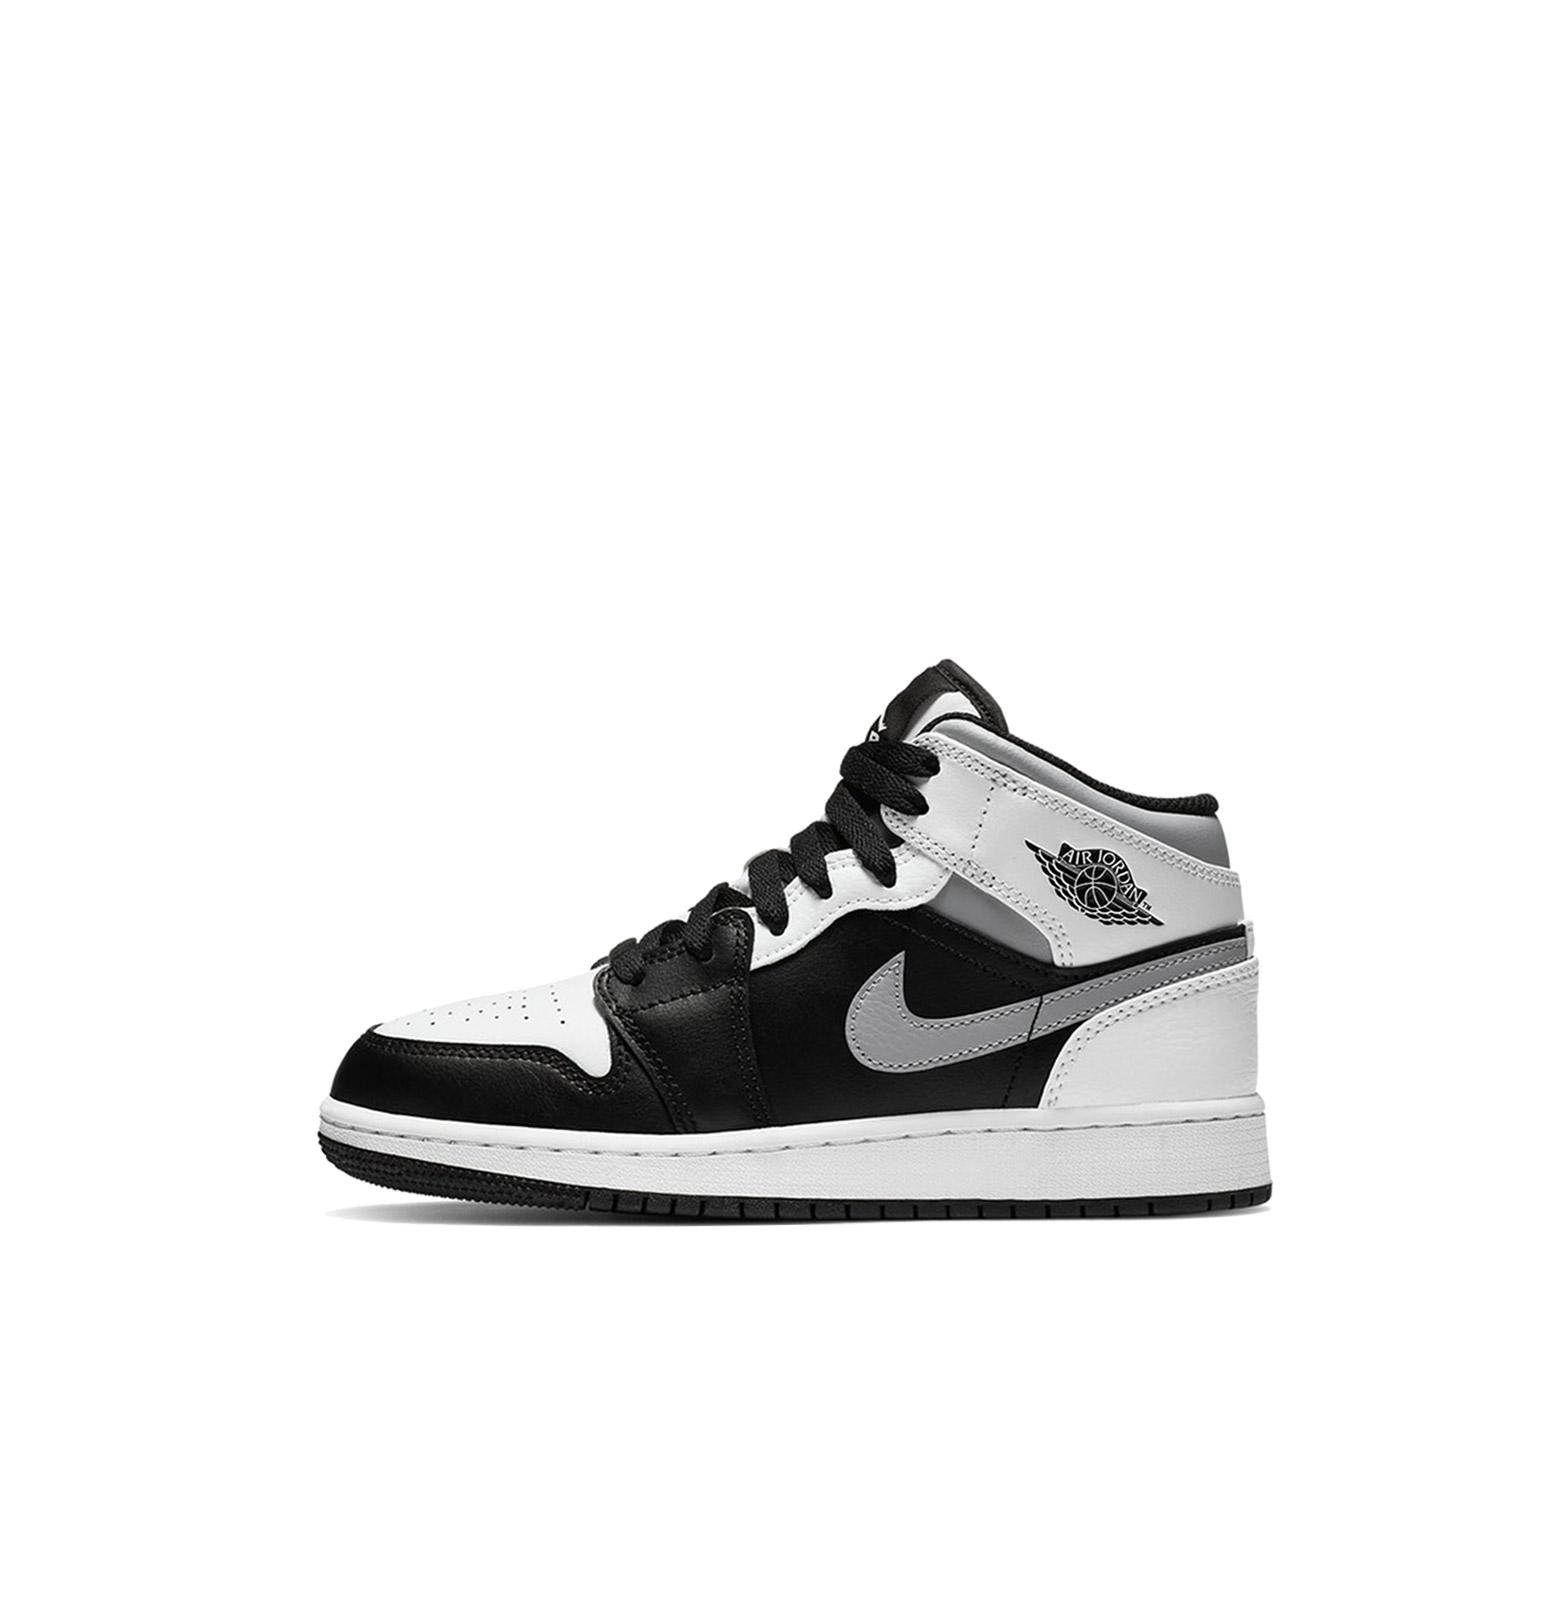 Air Jordan 1 Mid White Shadow - Nike | L'Original Namur - Sneakers ...